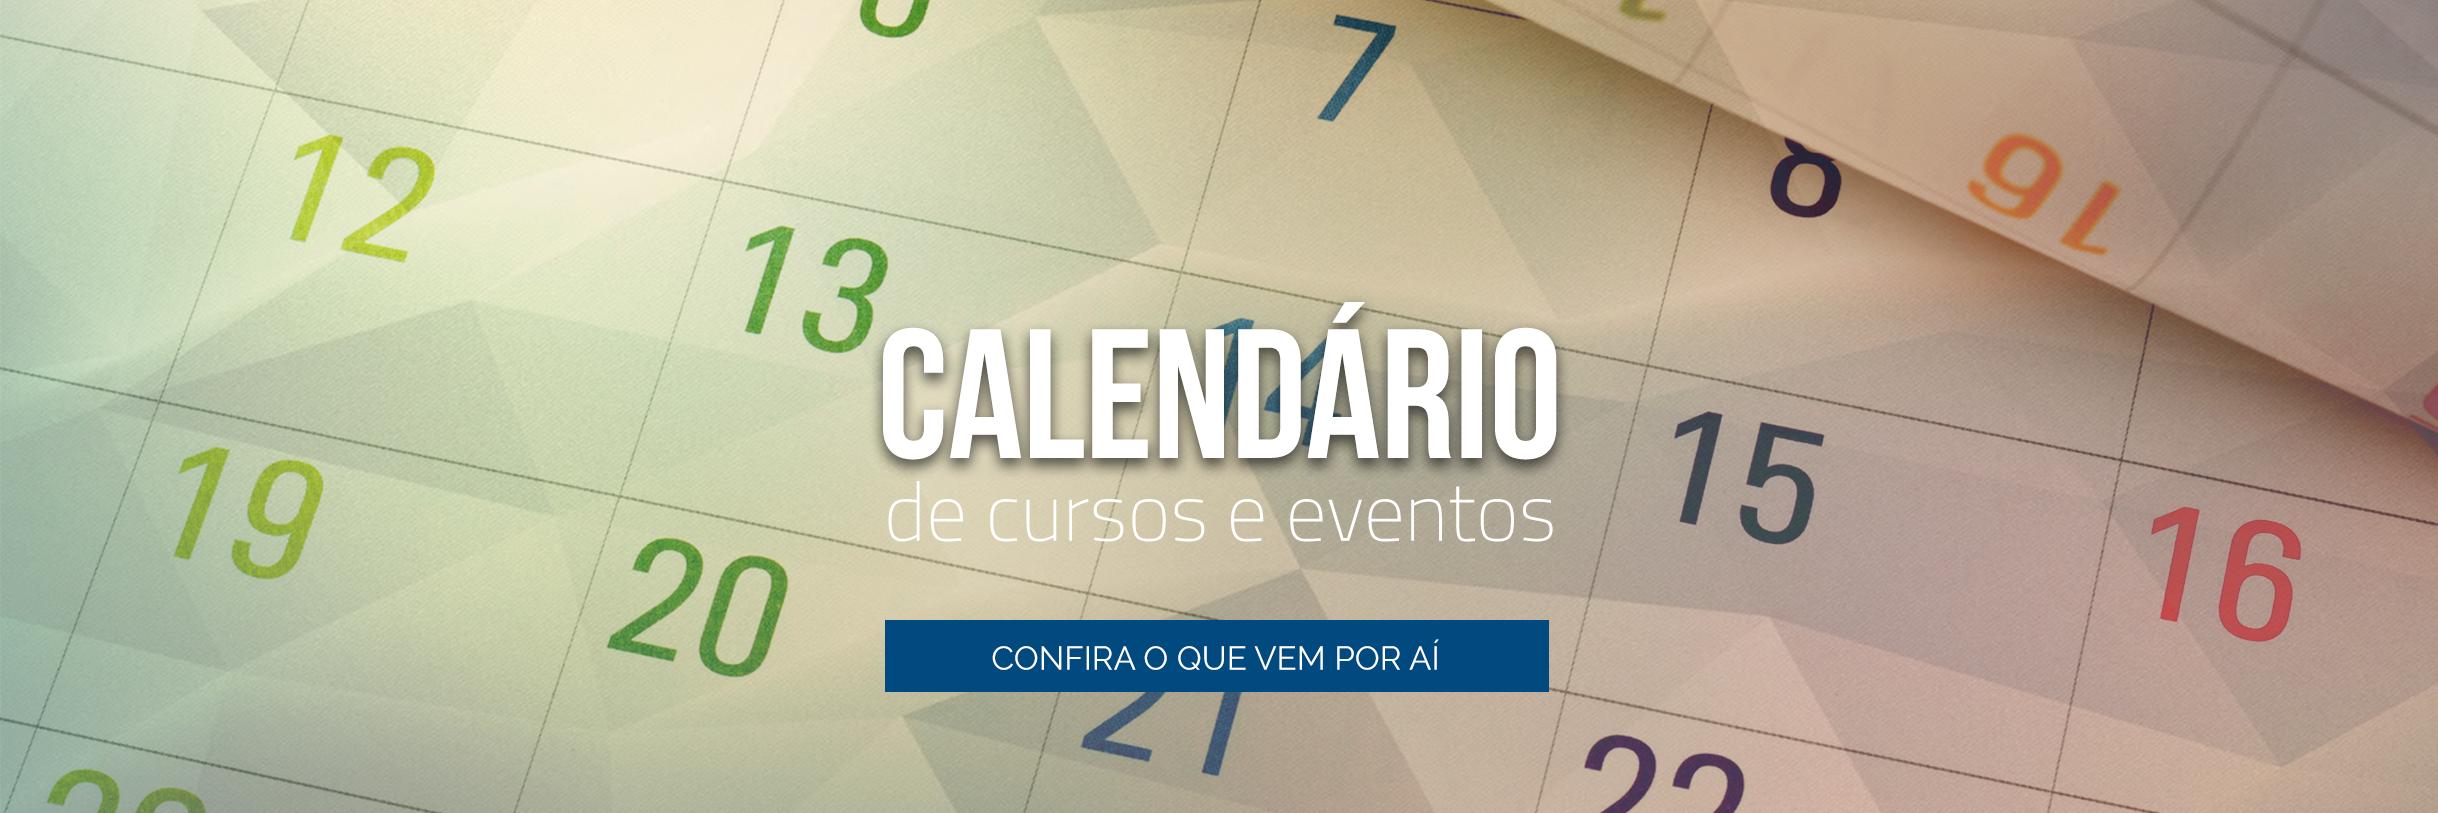 Bh calendario